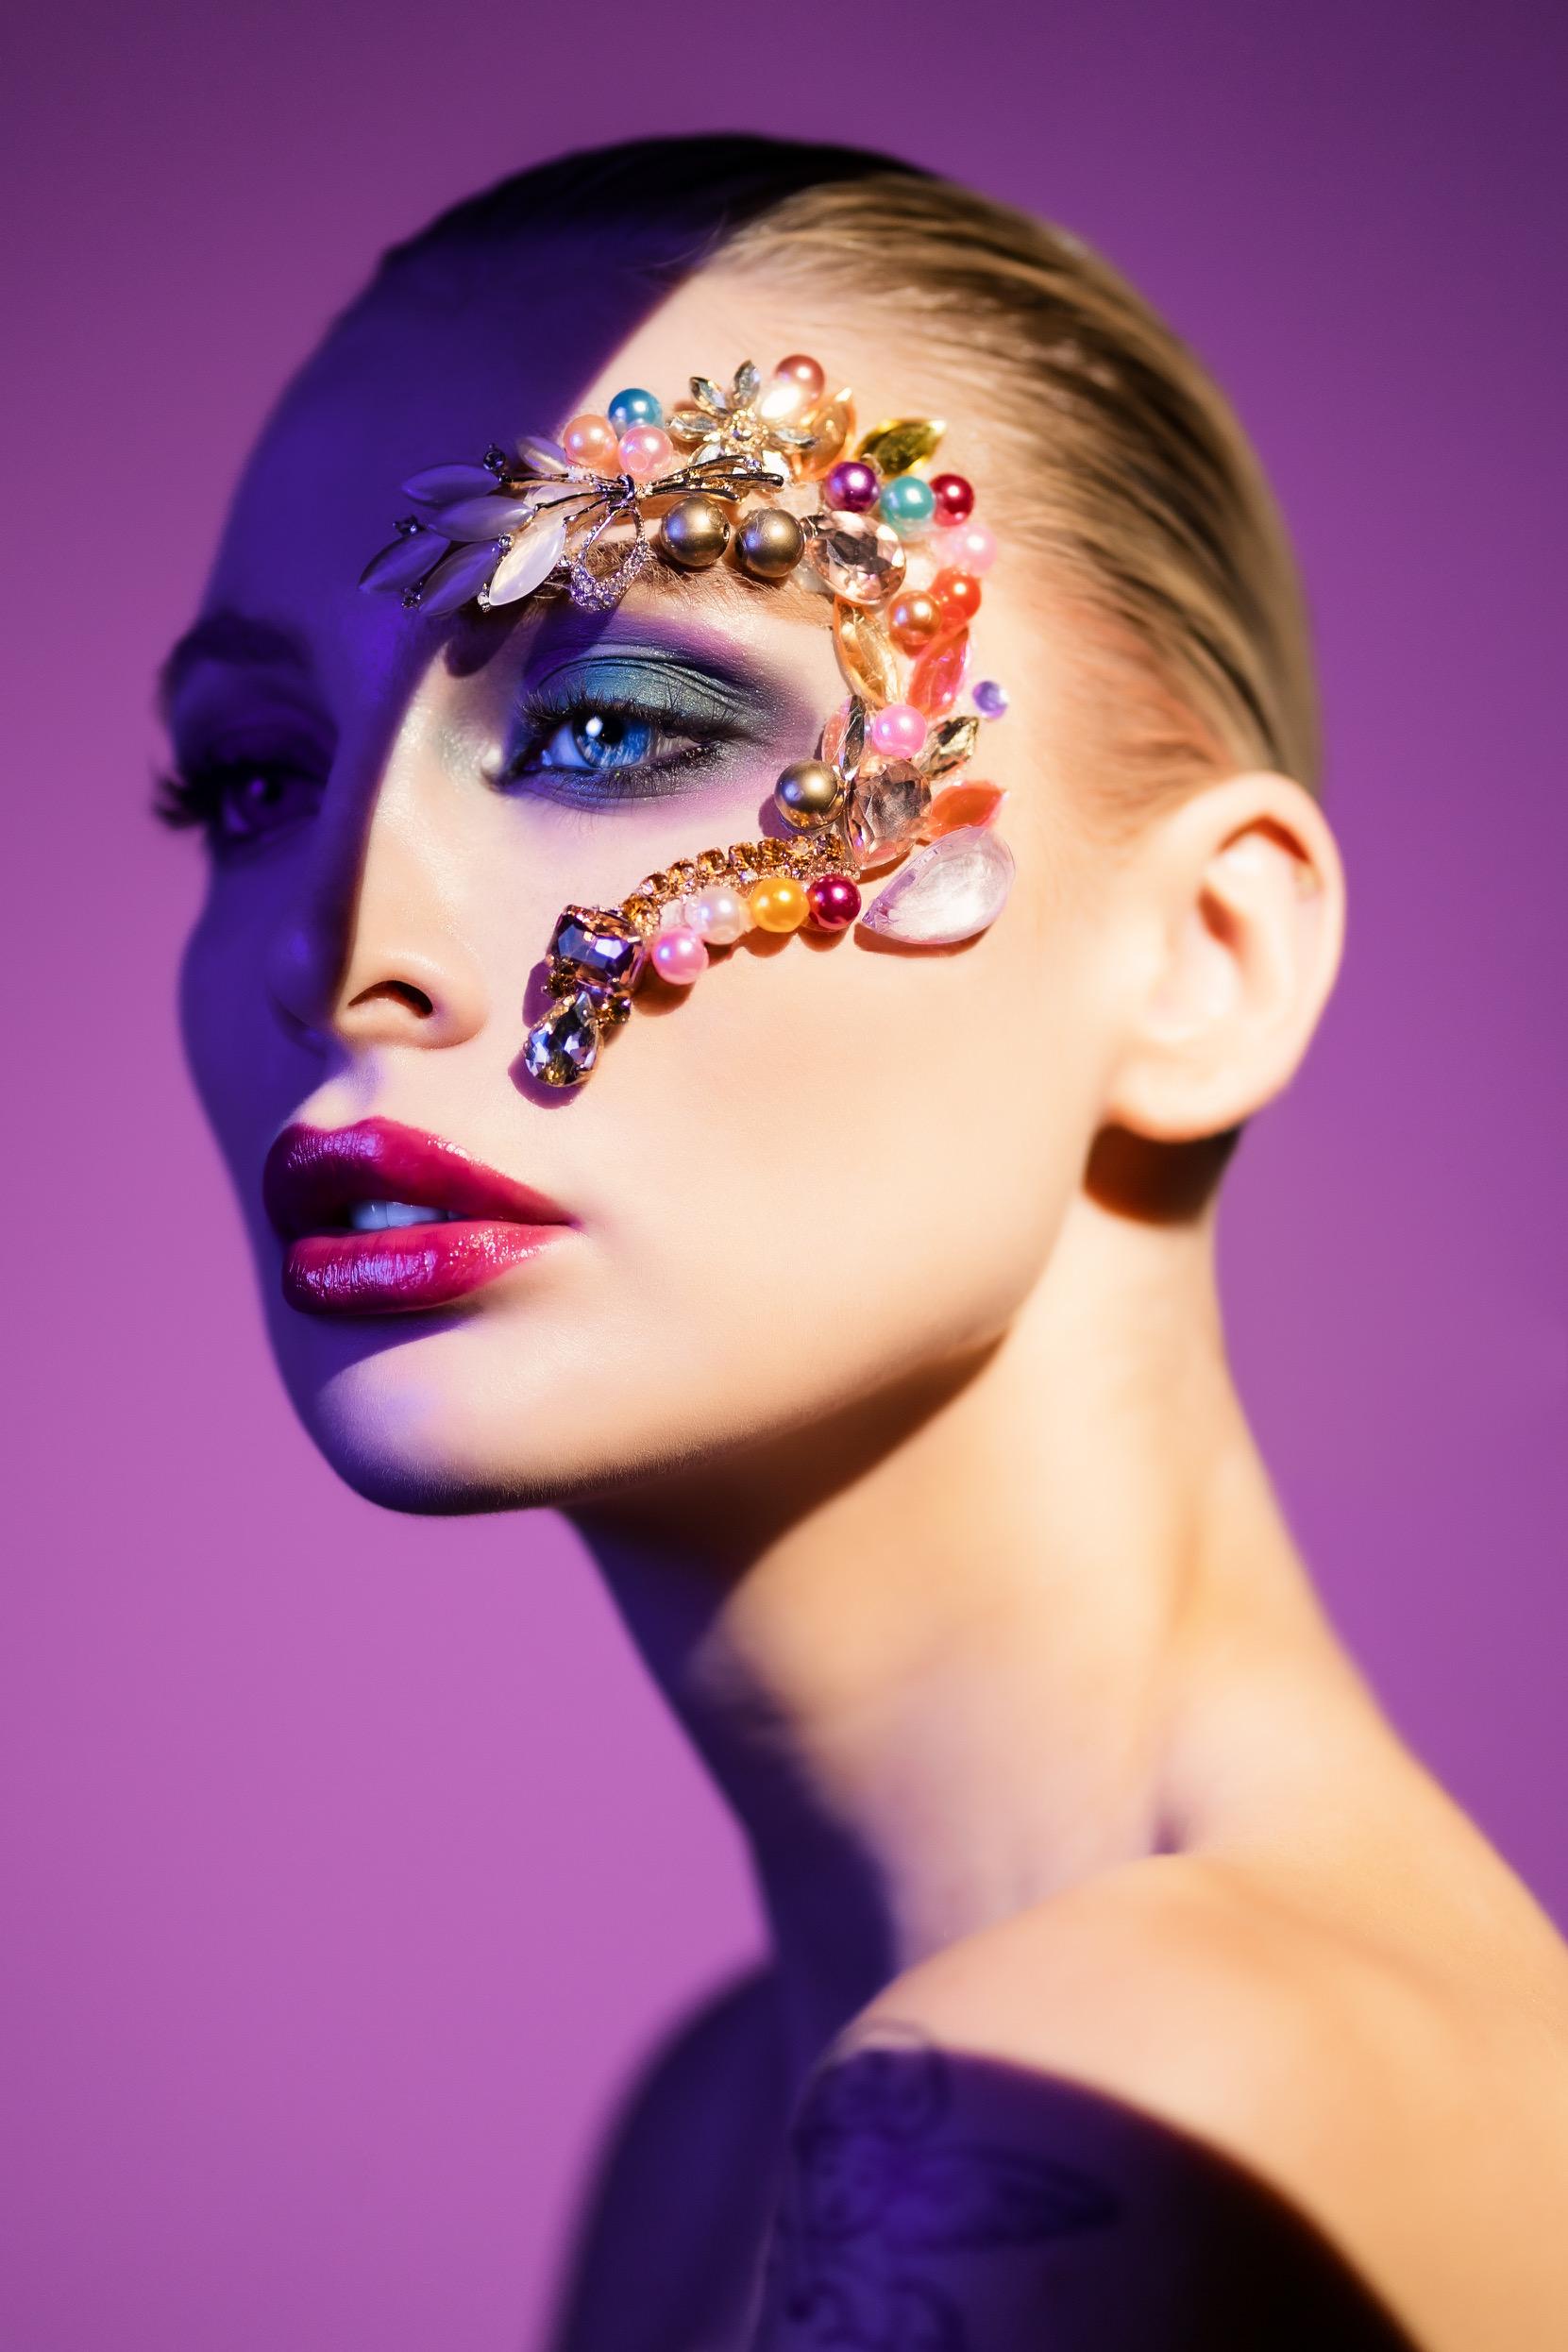 Saznali smo make up trendove za jesen/zimu s potpisom Daniela Domike